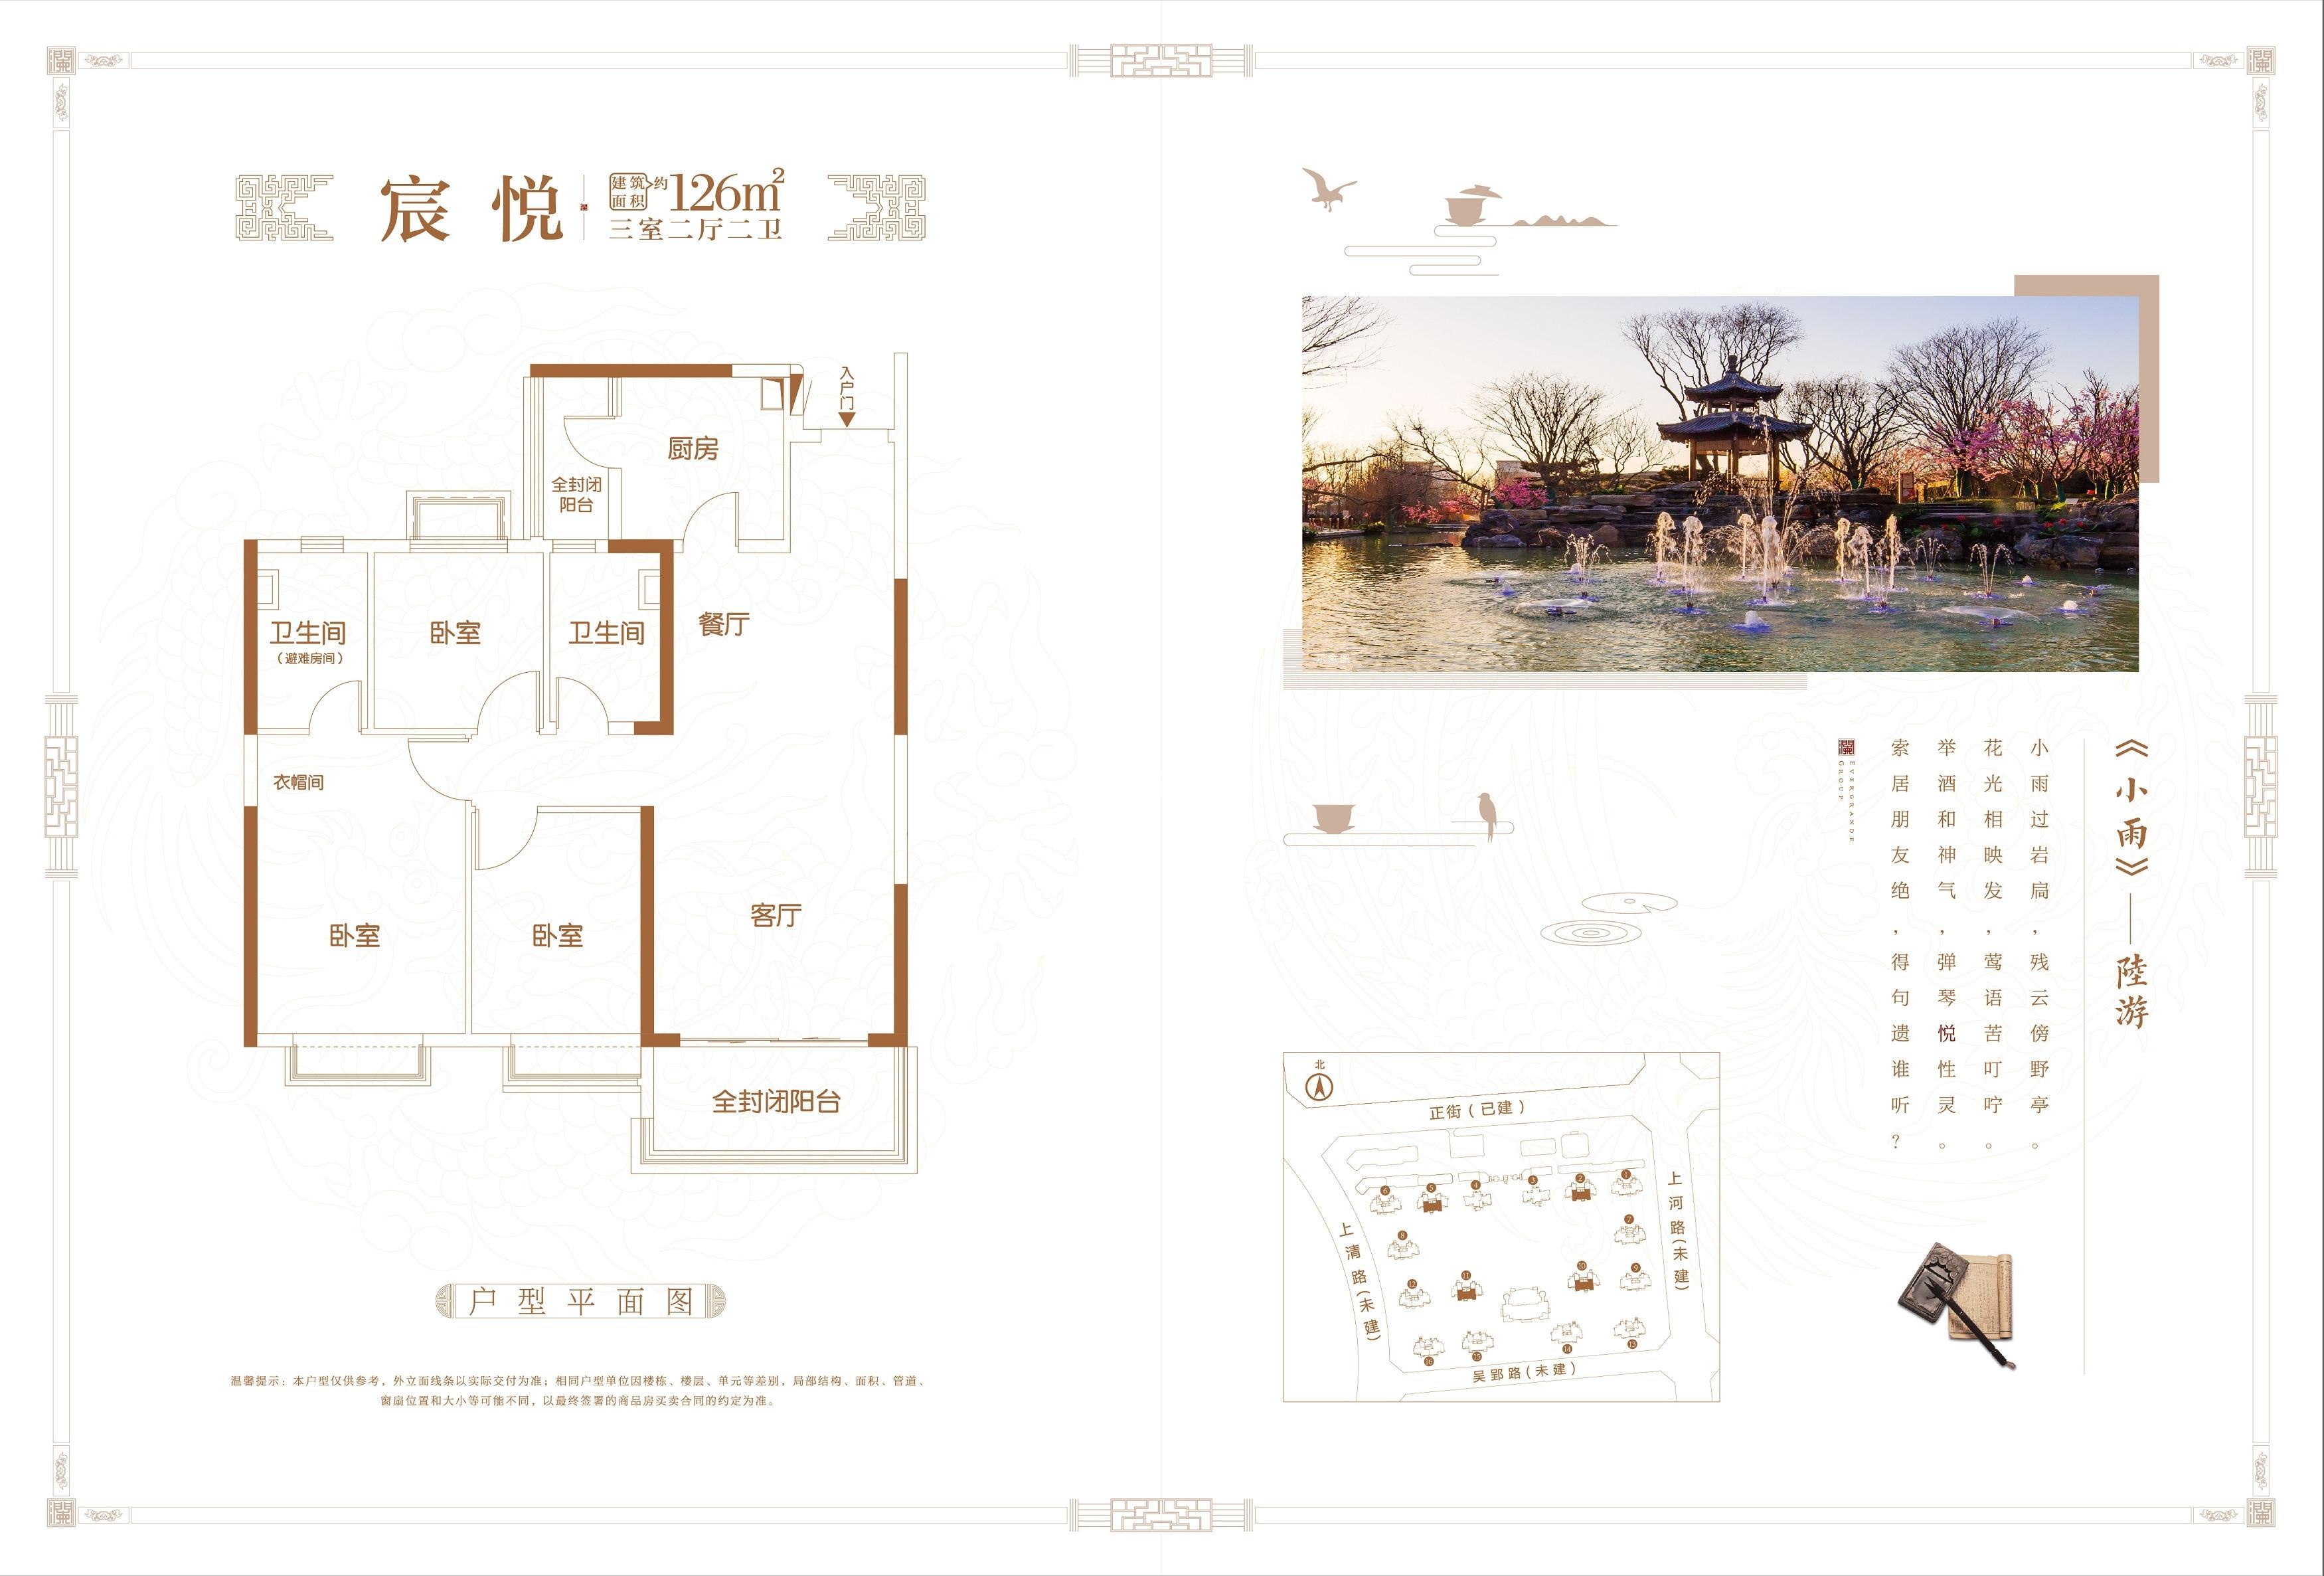 蚌埠恒大·悦澜湾 三室两厅两卫 建面约126㎡ 户型图